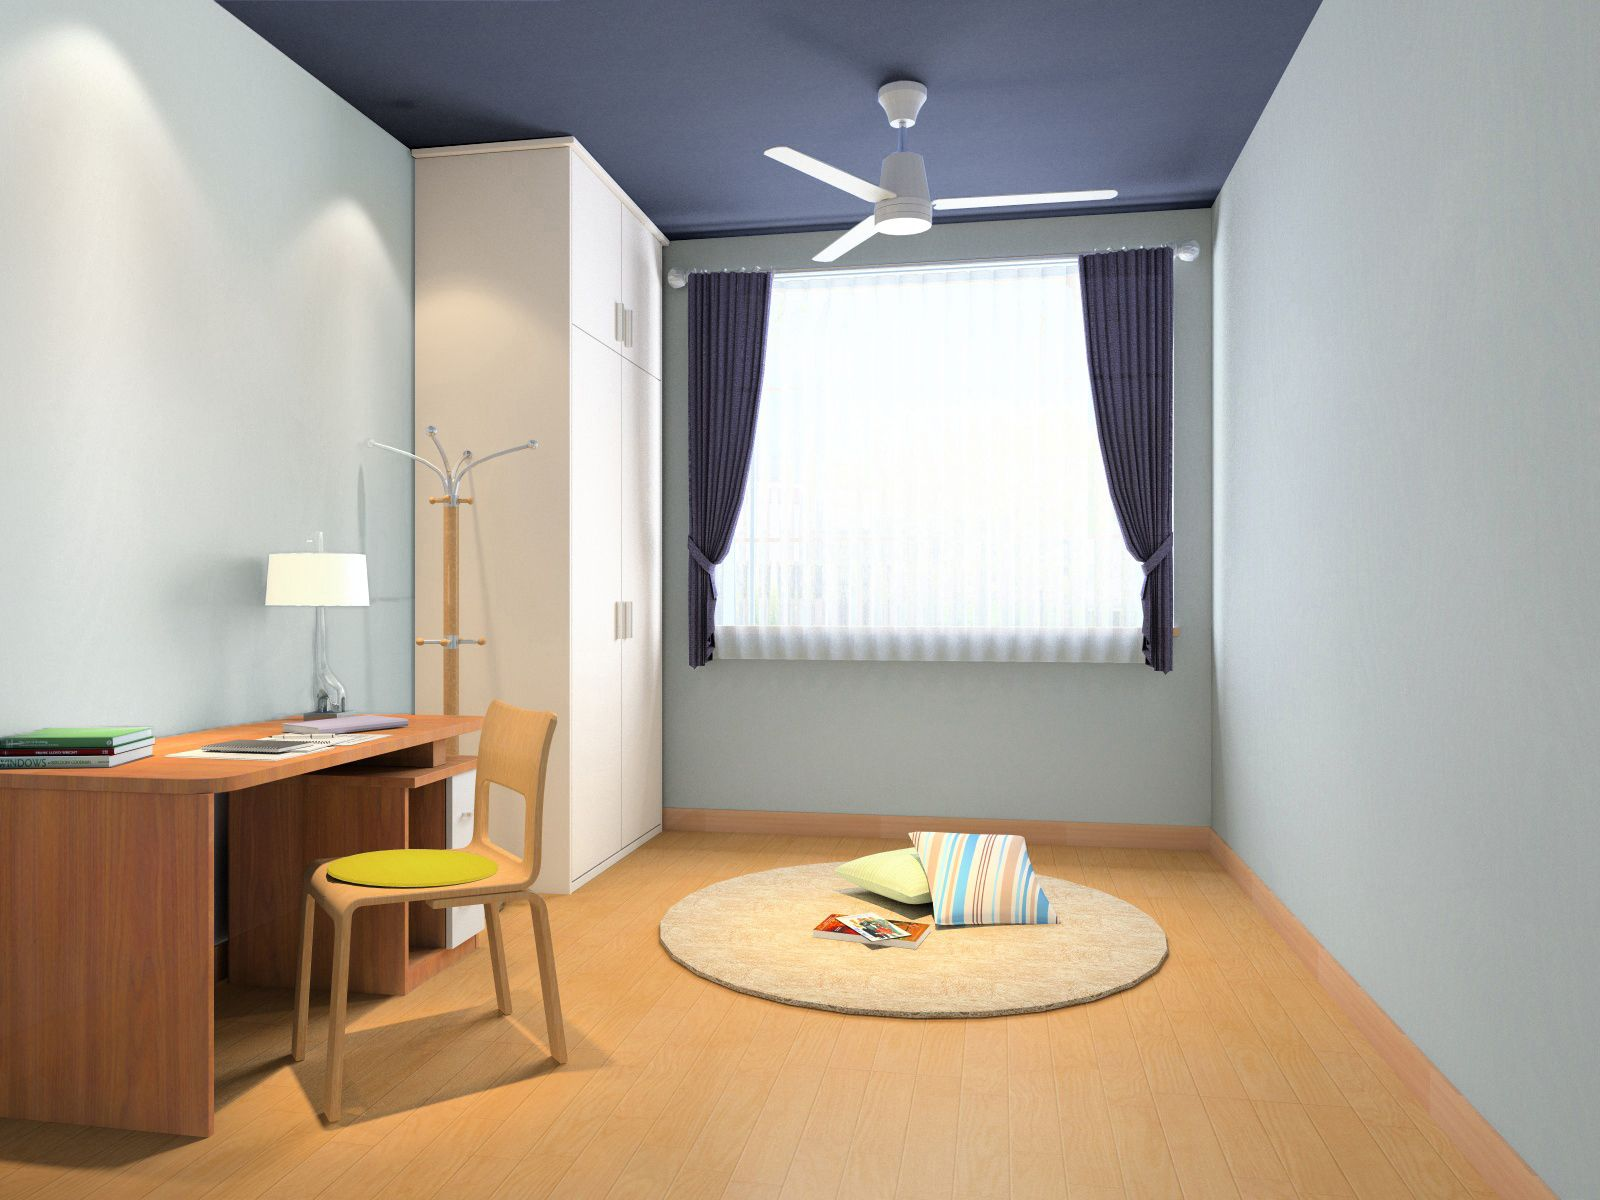 Fe6135 施工例 サンゲツ ホームページ 部屋壁紙 おしゃれ サンゲツ 部屋 壁紙